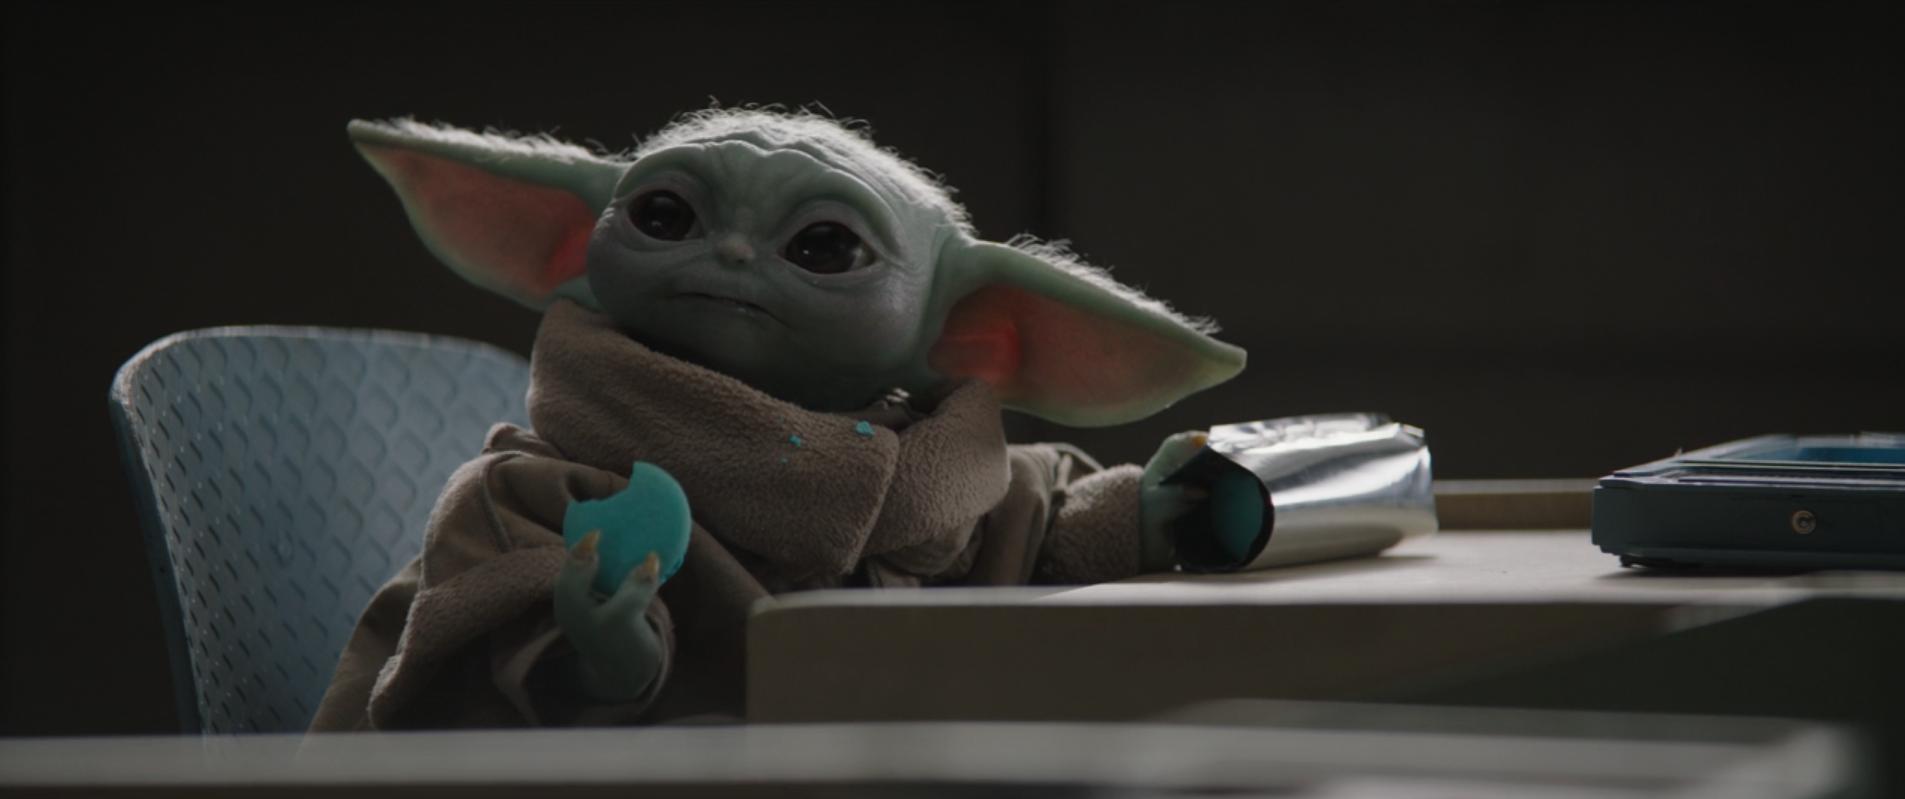 Baby Yoda enjoying a space macaroon in The Mandalorian